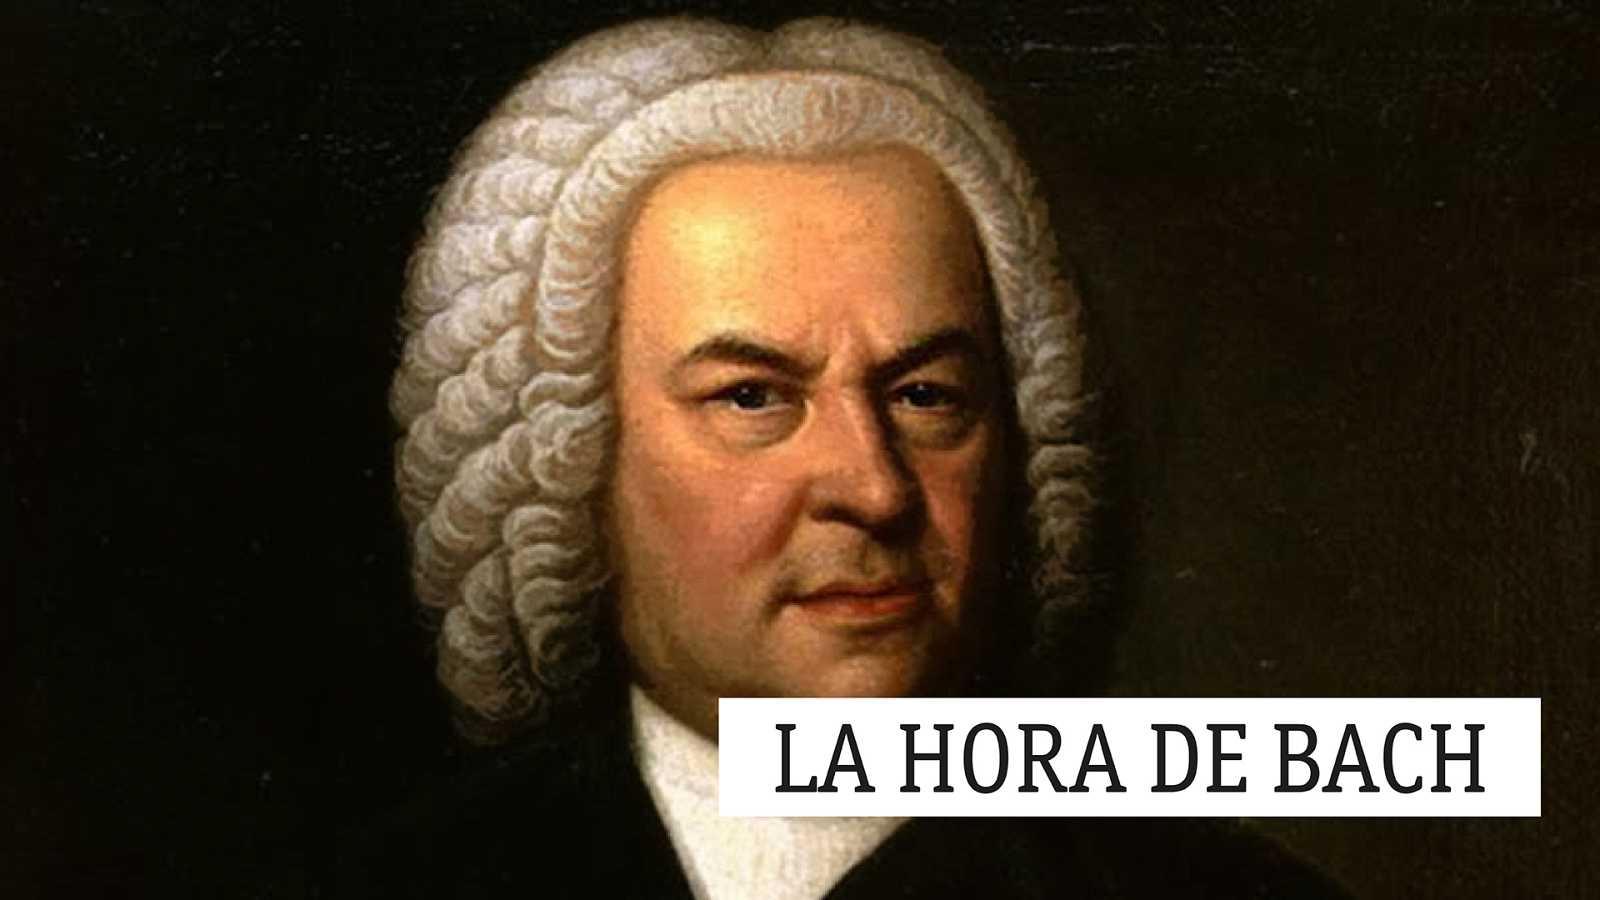 La hora de Bach - 23/05/20 - escuchar ahora